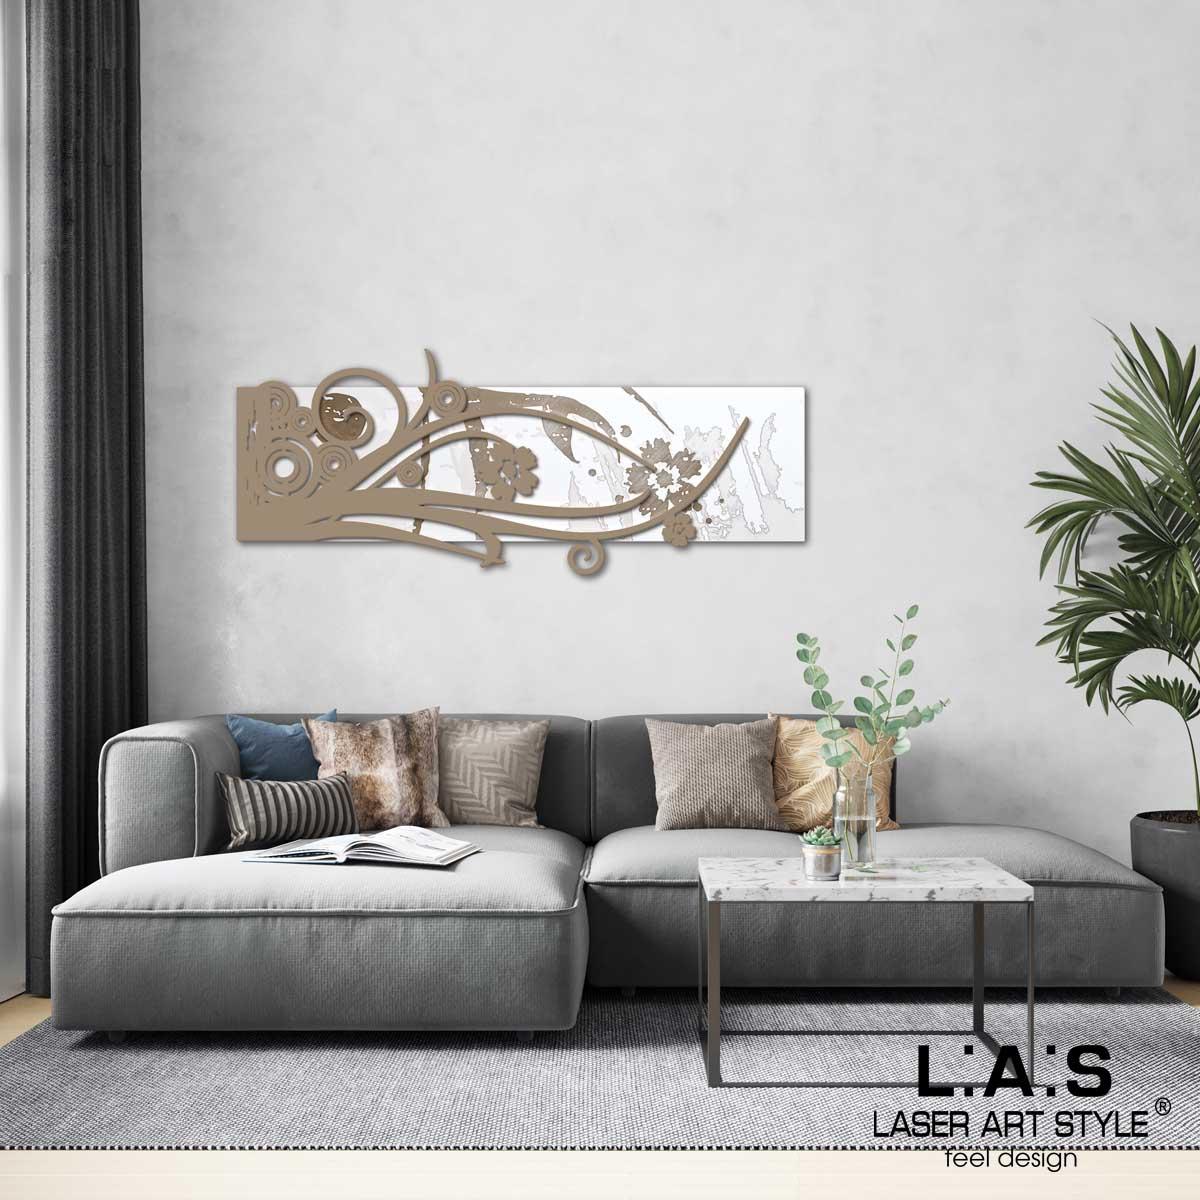 L:A:S - Laser Art Style - QUADRO – SCULTURA DA PARETE SI-106 BIANCO-NOCCIOLA-INC.LEGNO